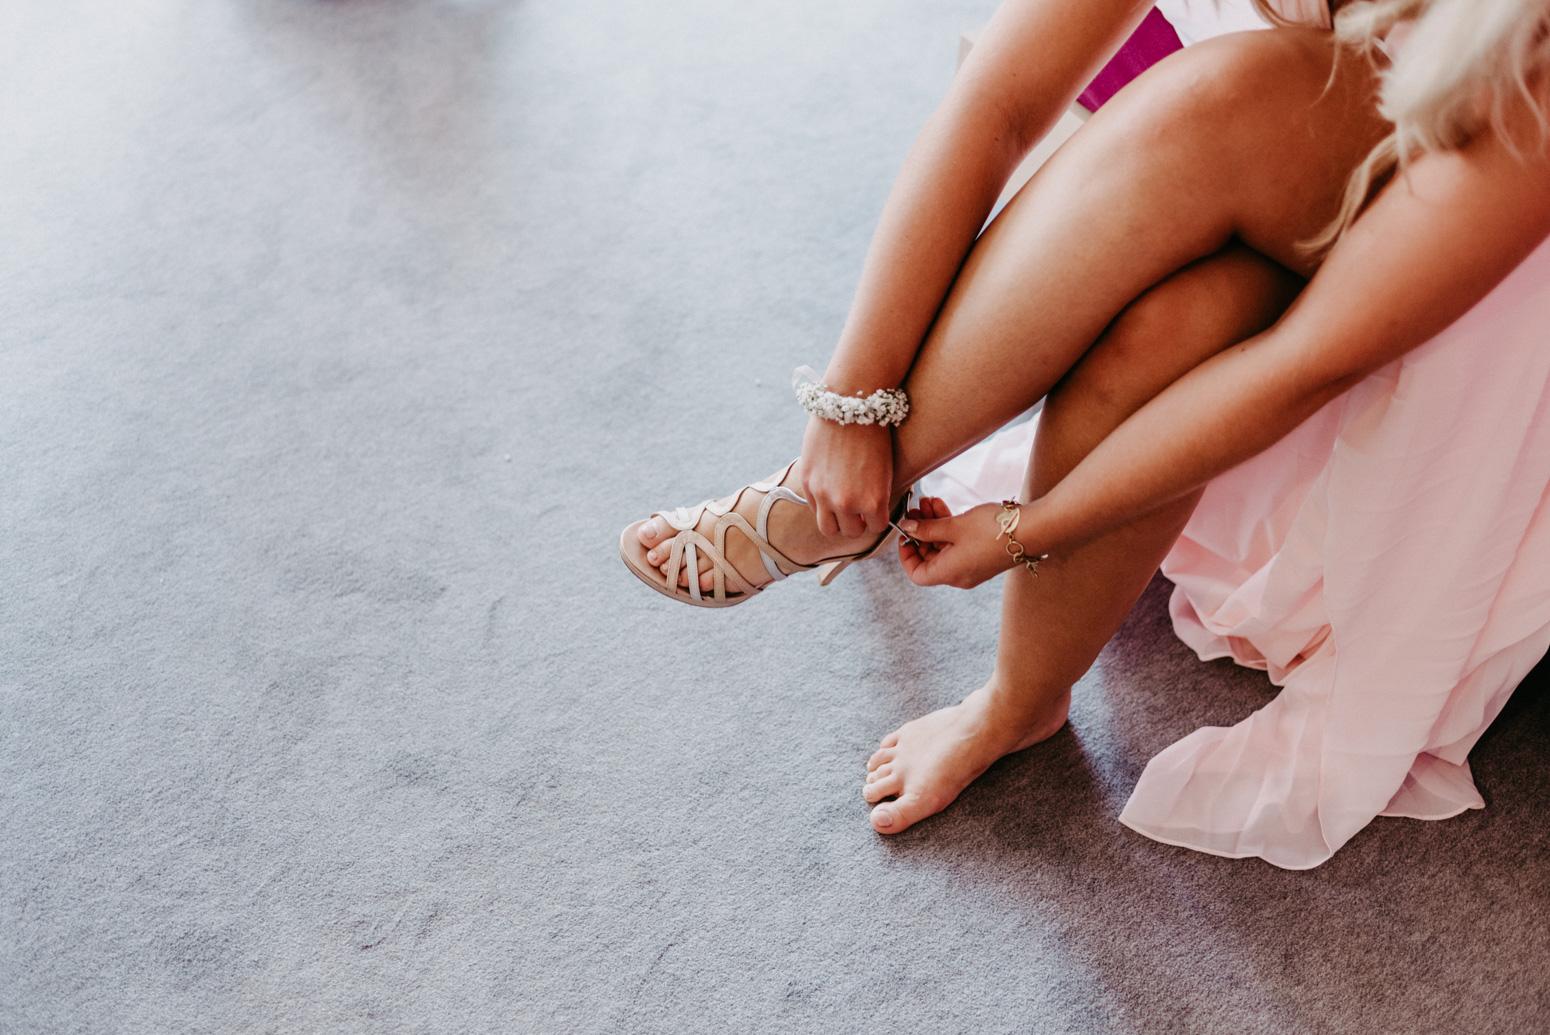 Brautjungfer zieht sich die High Heels an. Hochzeitsfotografin Daria Becker von Genuine Bonds aus Bonn